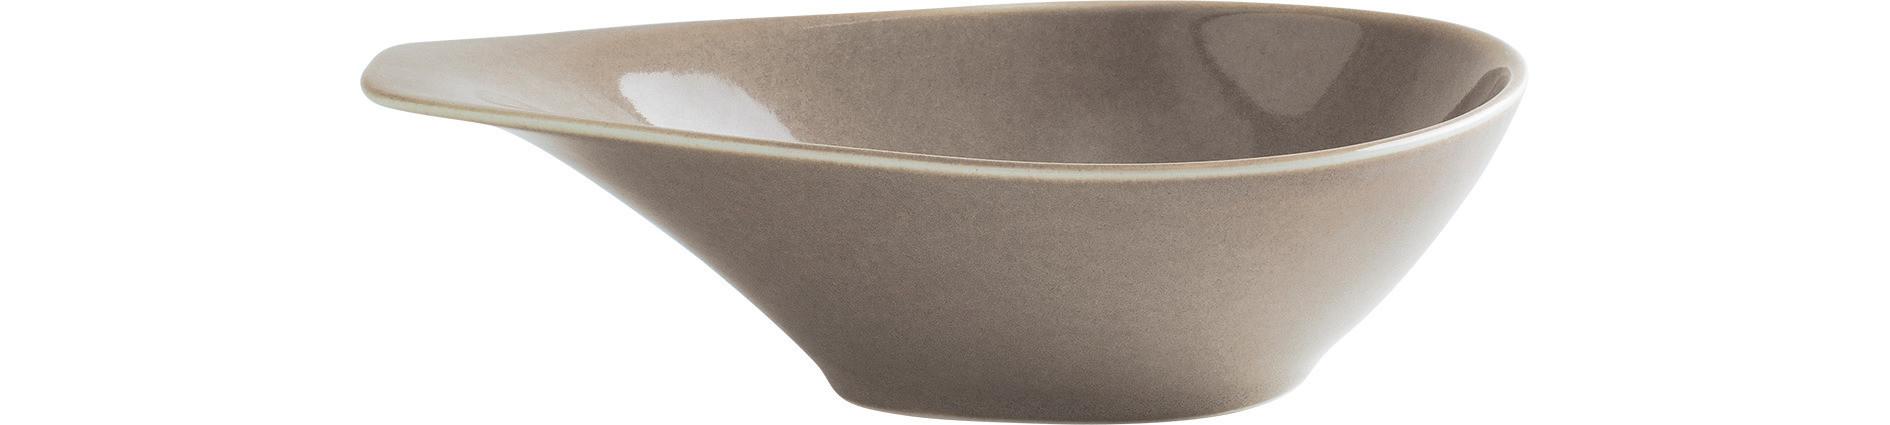 Homestyle, Schale mit Griff 210 x 144 mm / 0,40 l desert sand